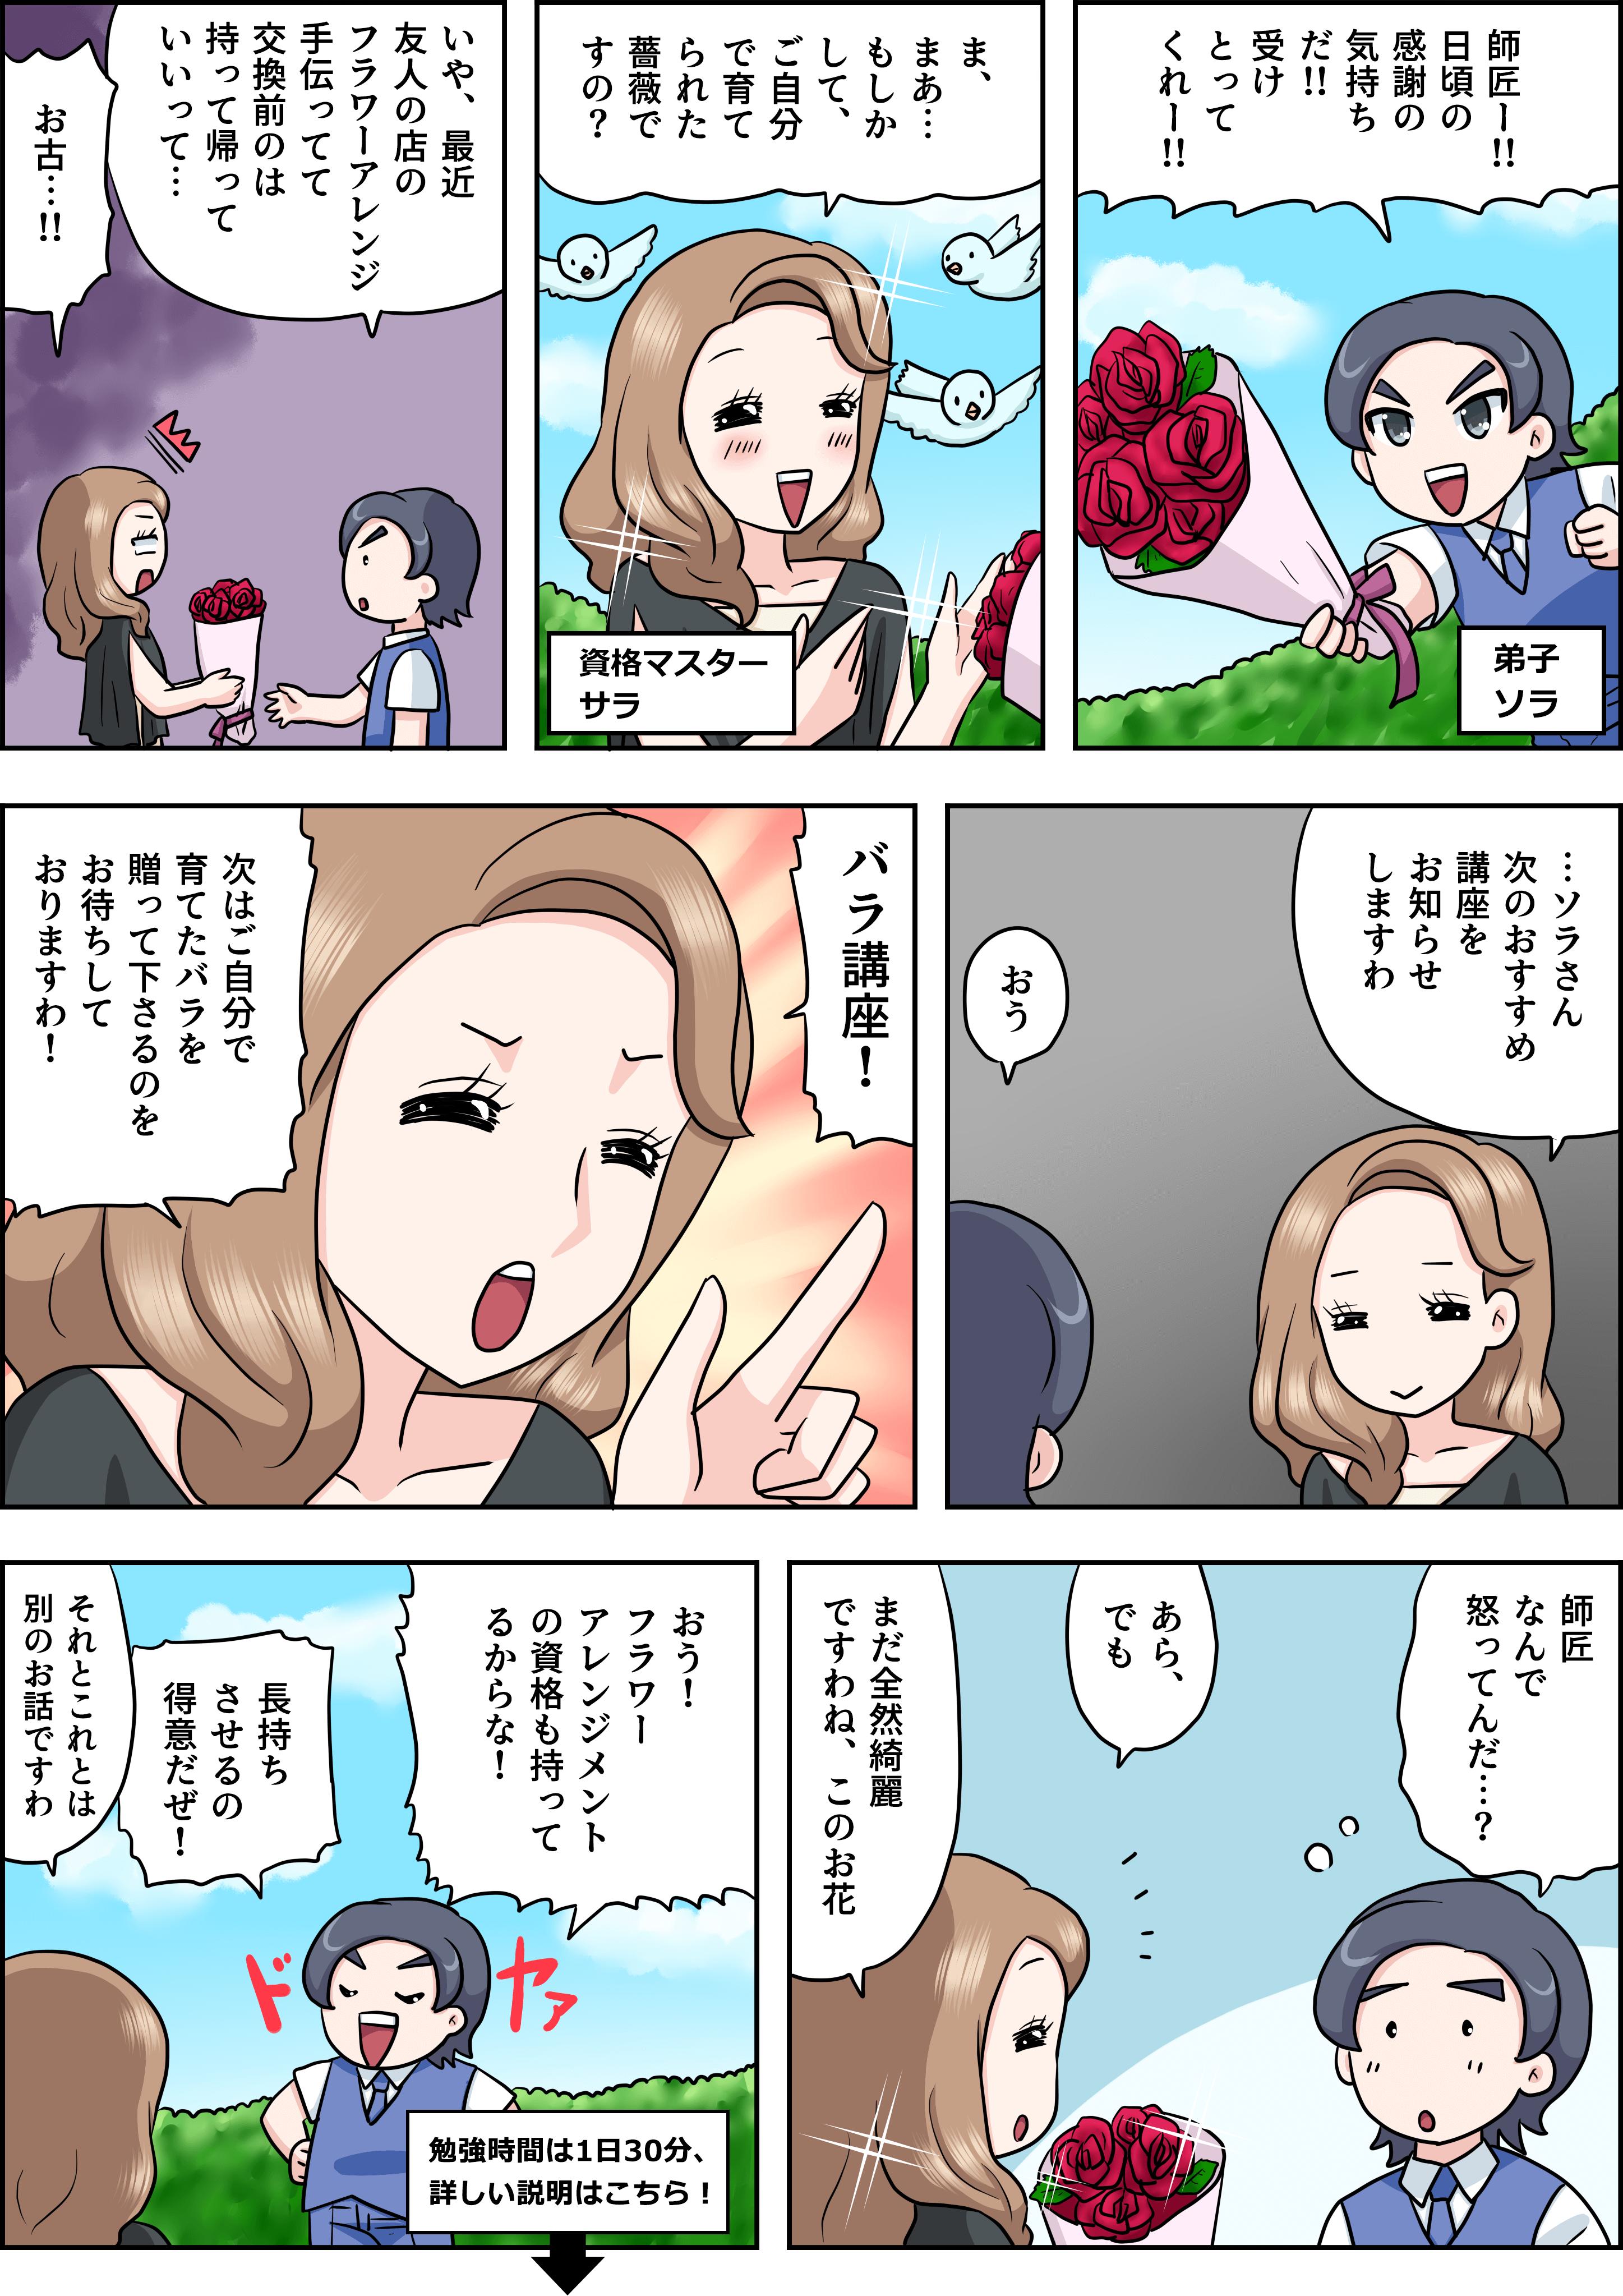 バラの漫画